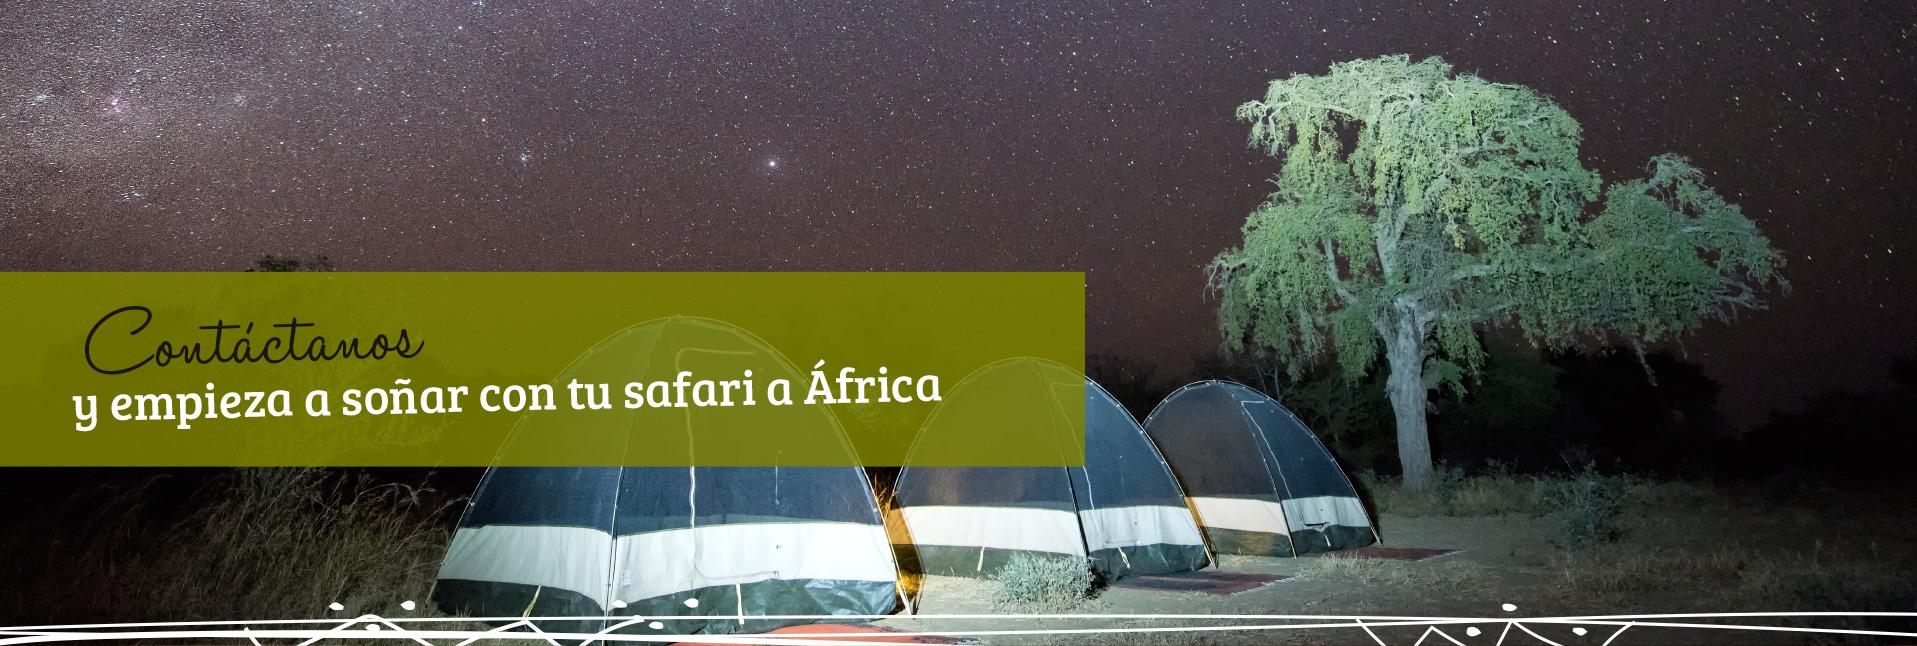 Contáctanos y empieza a soñar con tu safari a África